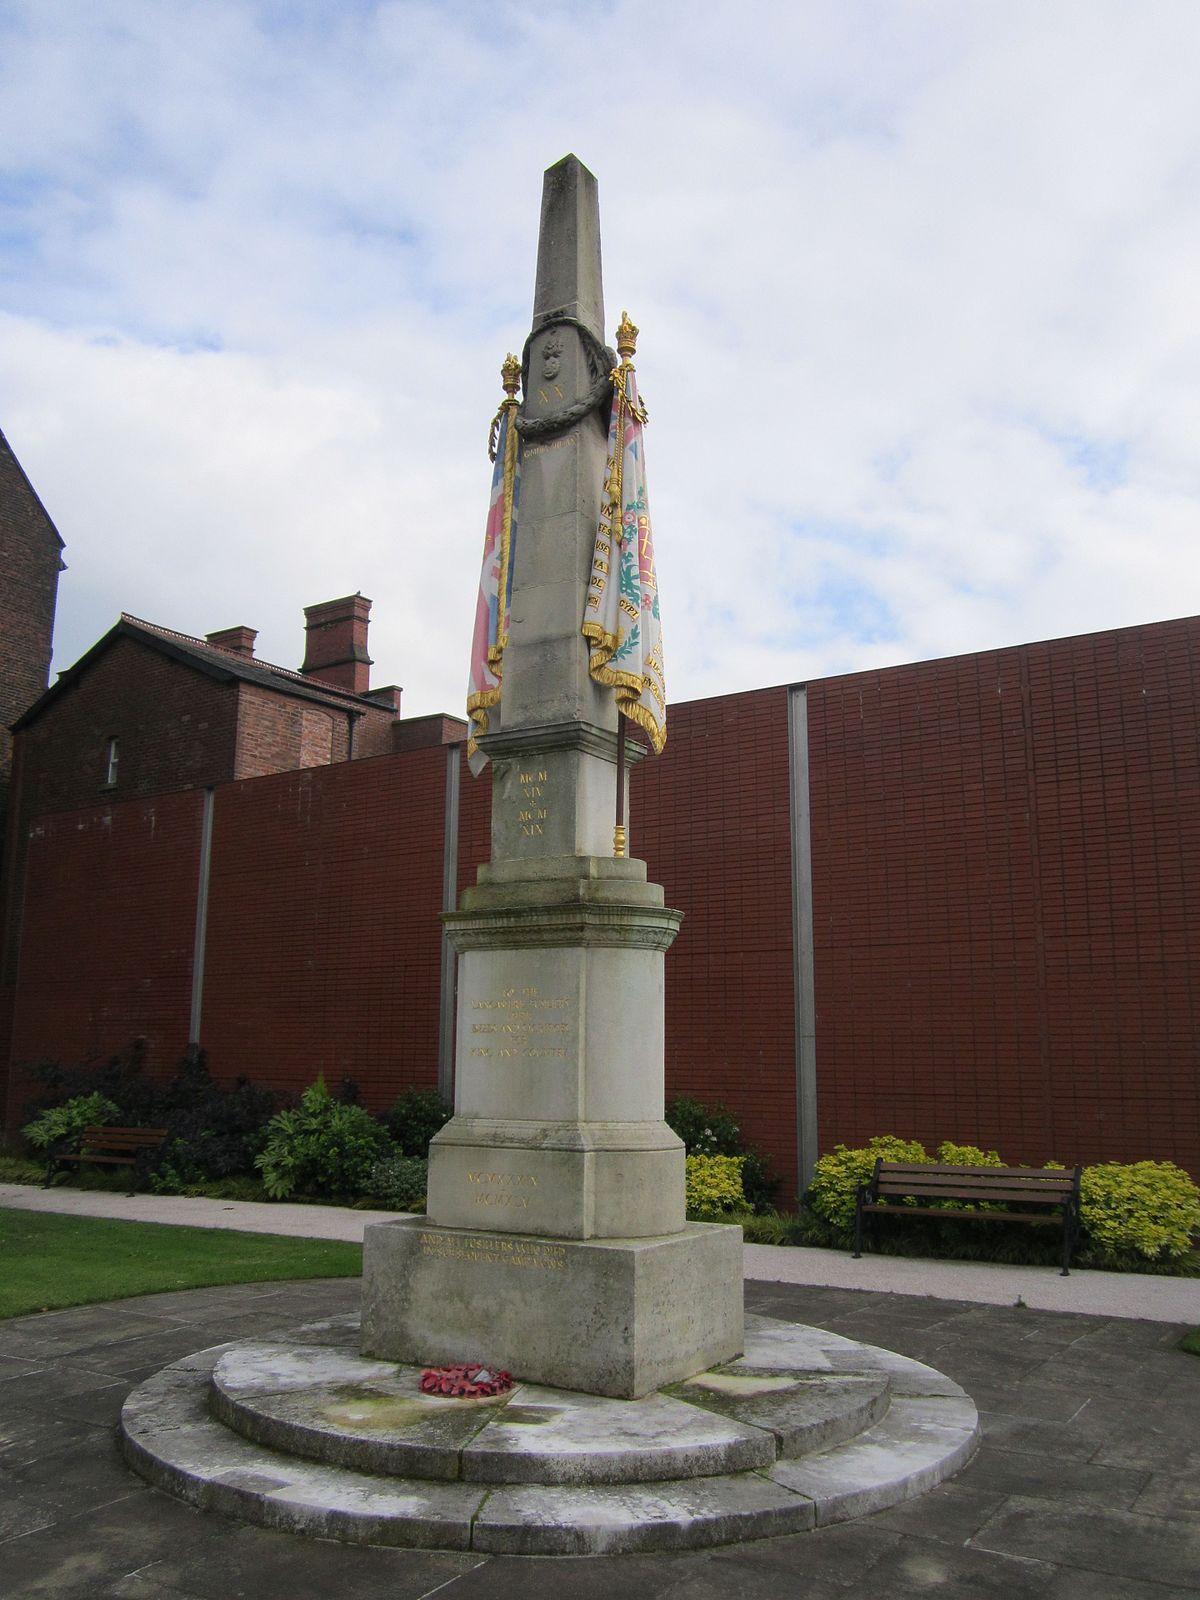 Lancashire Fusiliers War Memorial Wikipedia